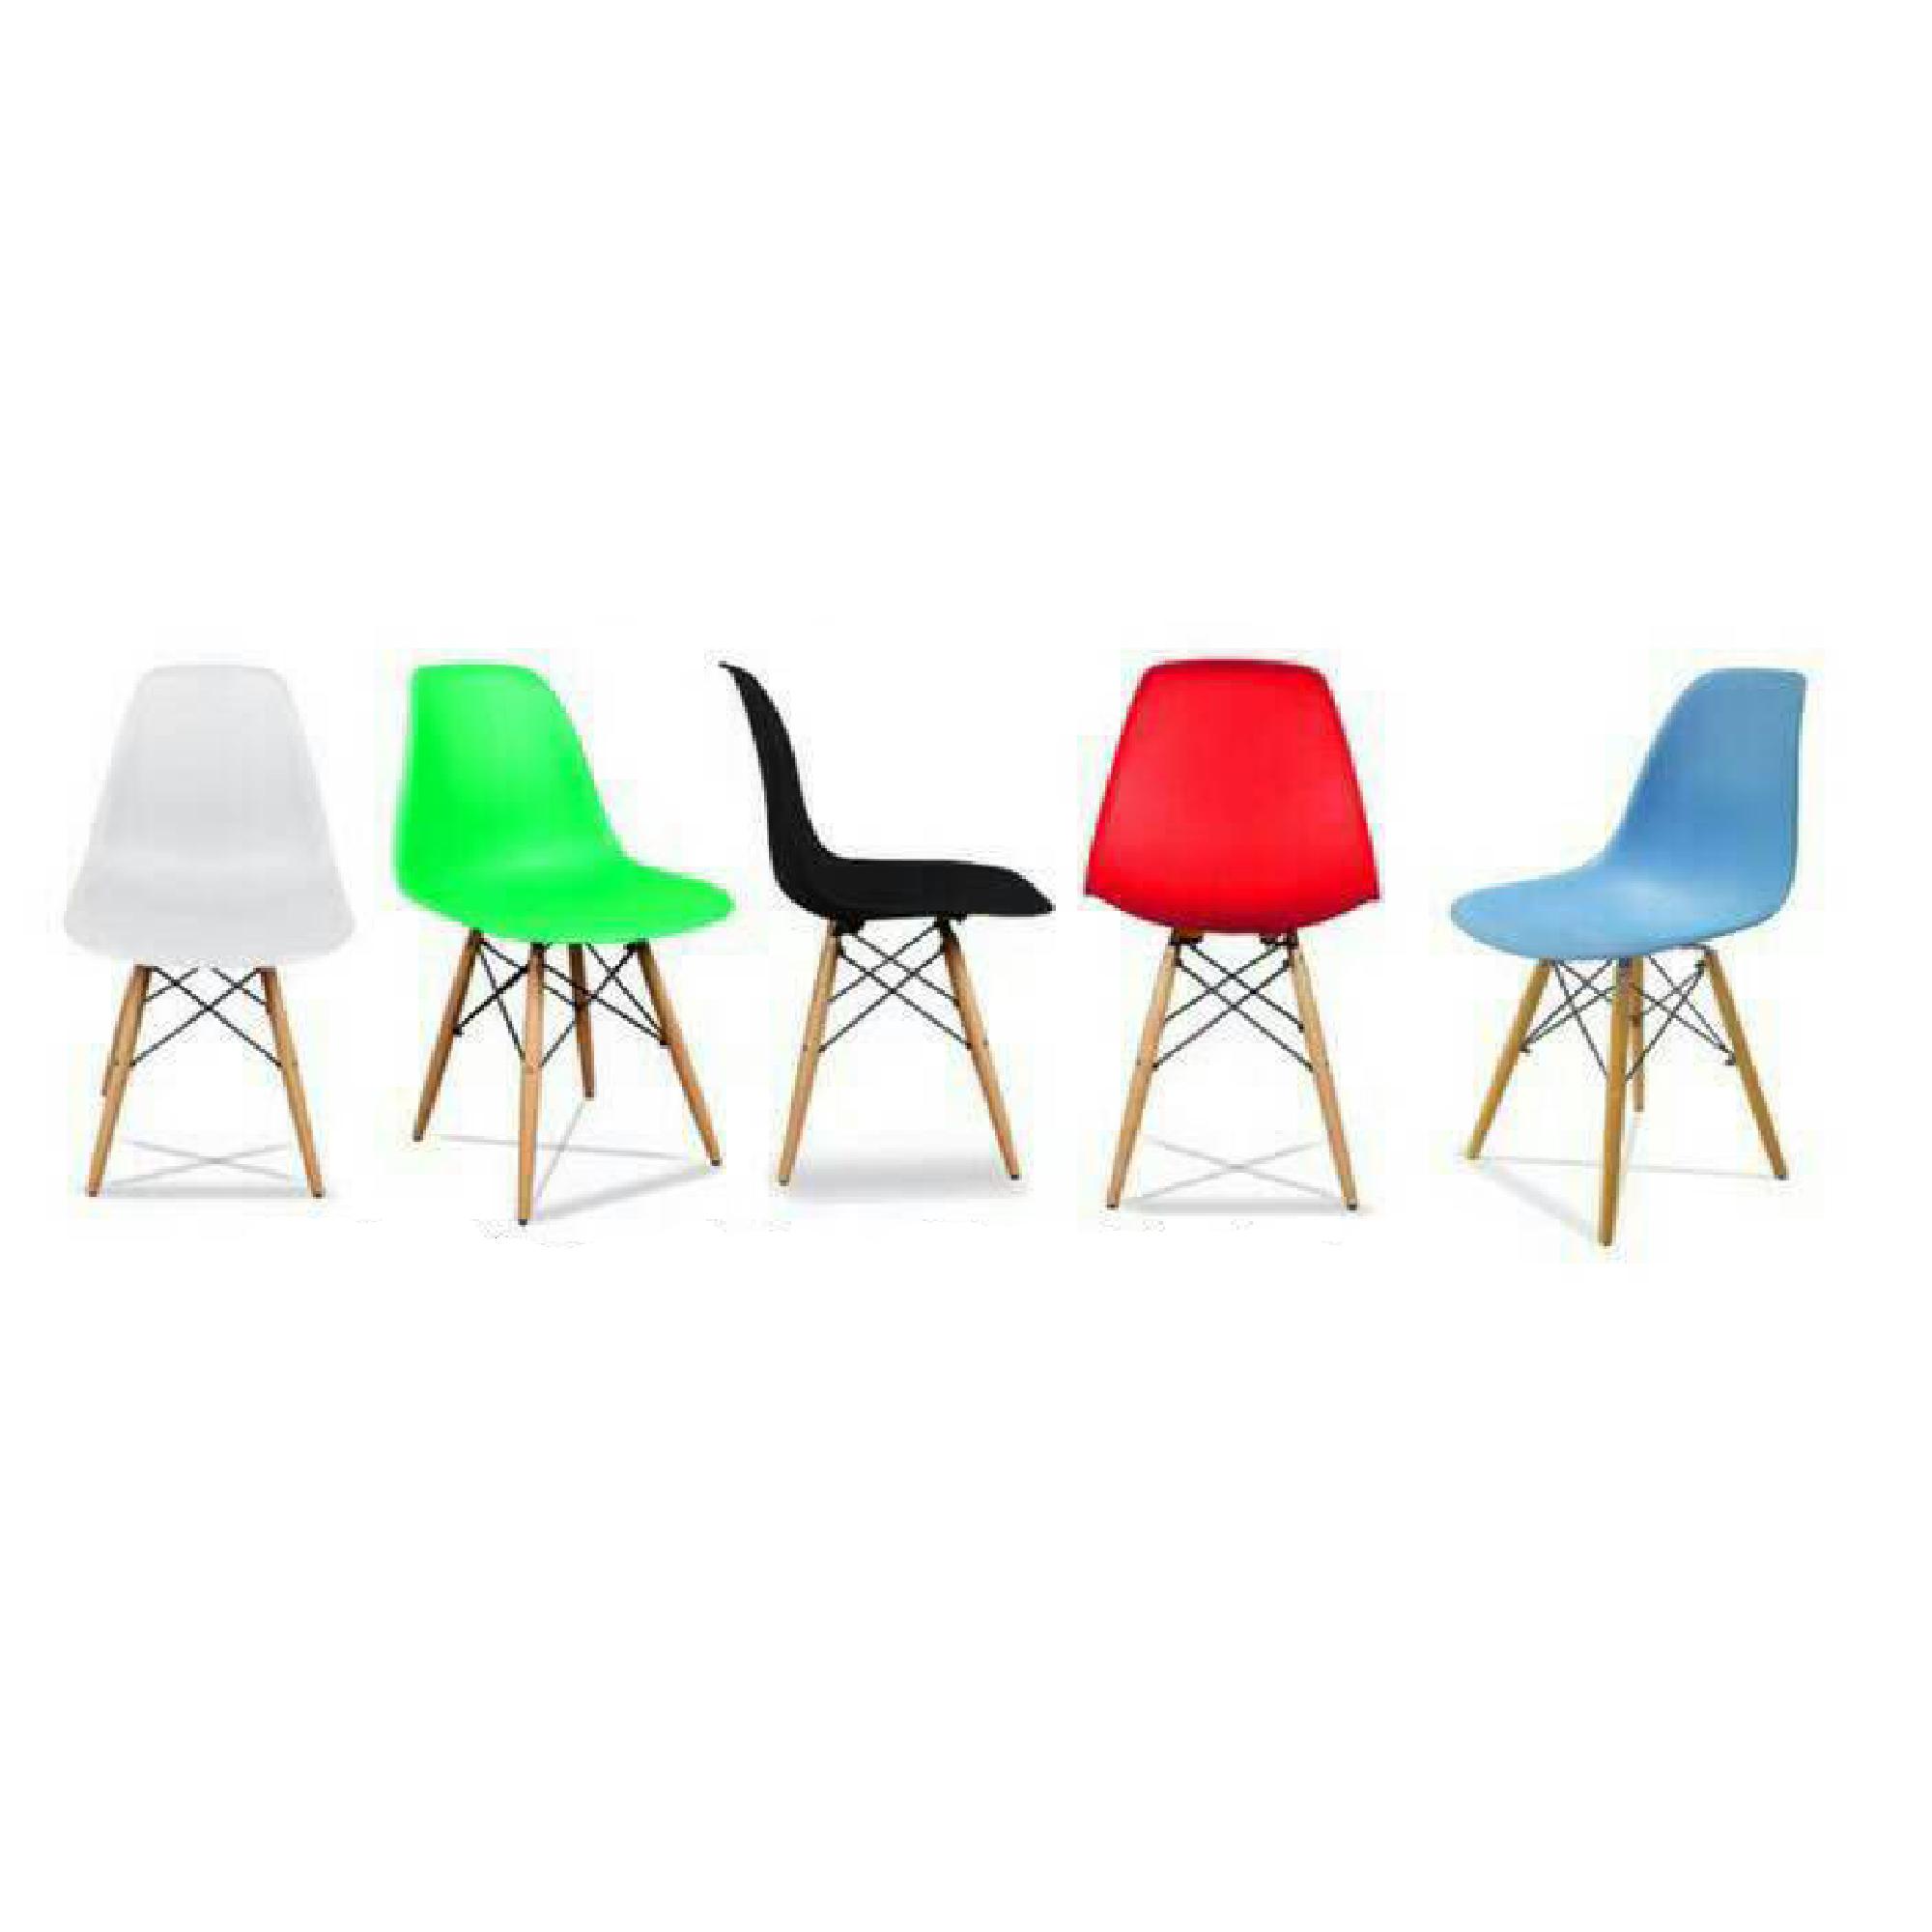 เก้าอี้ดีไซน์